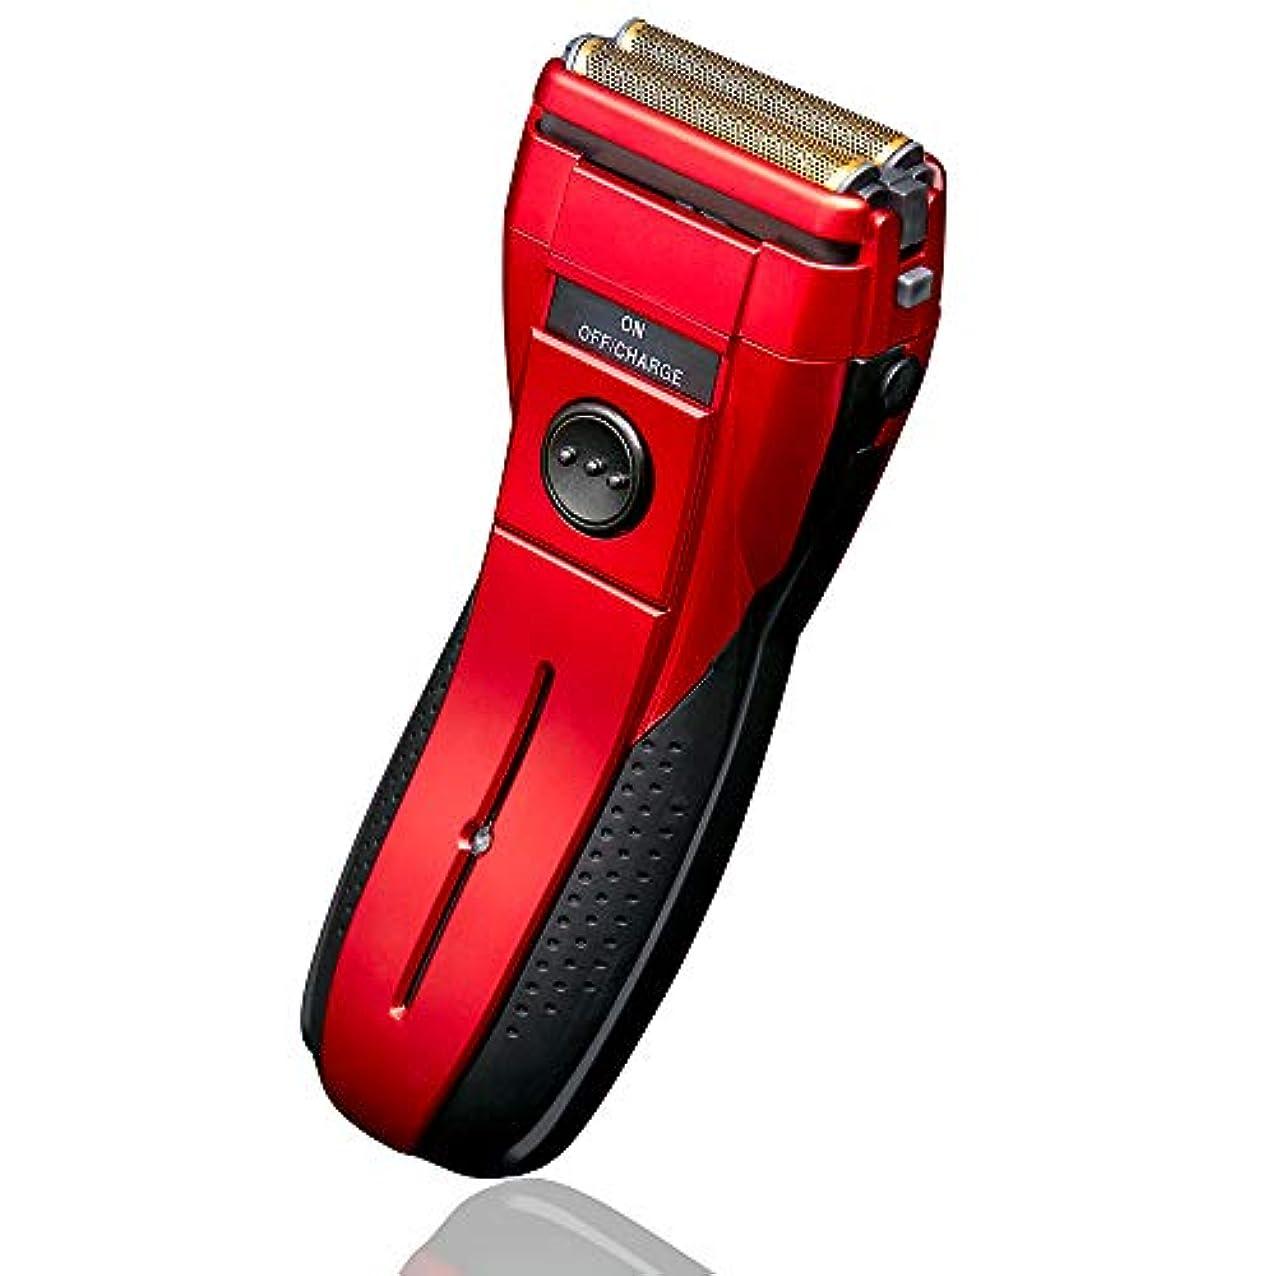 ひいきにする擬人化ピストル電気シェーバー 2枚刃 髭剃り メンズシェーバー 替え刃付属付き 水洗い対応 ウォッシャブル 充電式 独立フローティング2枚刃 (Red)